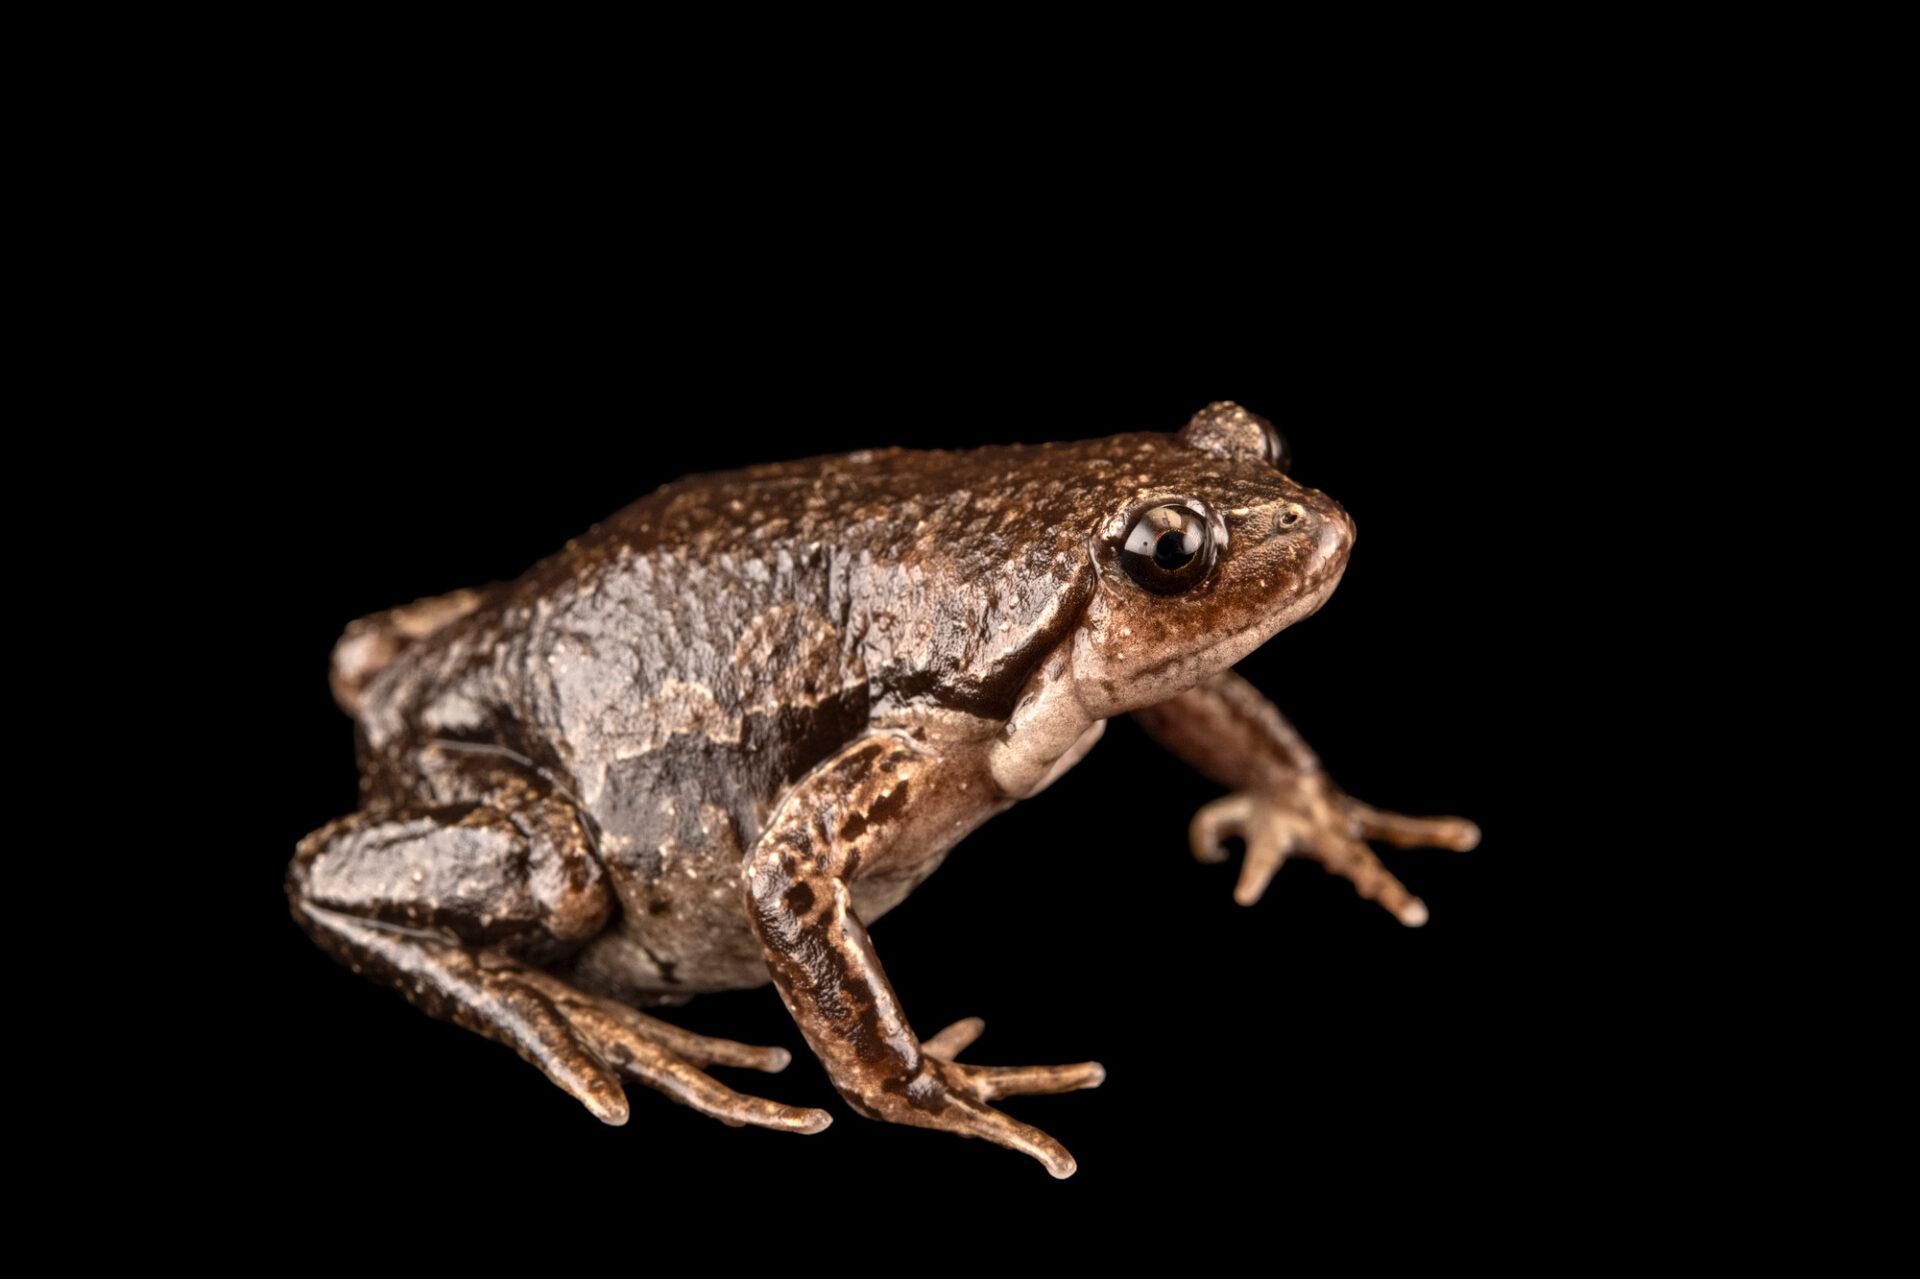 Photo: A Ecuadorean snub-nosed frog (Ctenophryne aequatorialis) at Centro Jambatu in Quito, Ecuador.